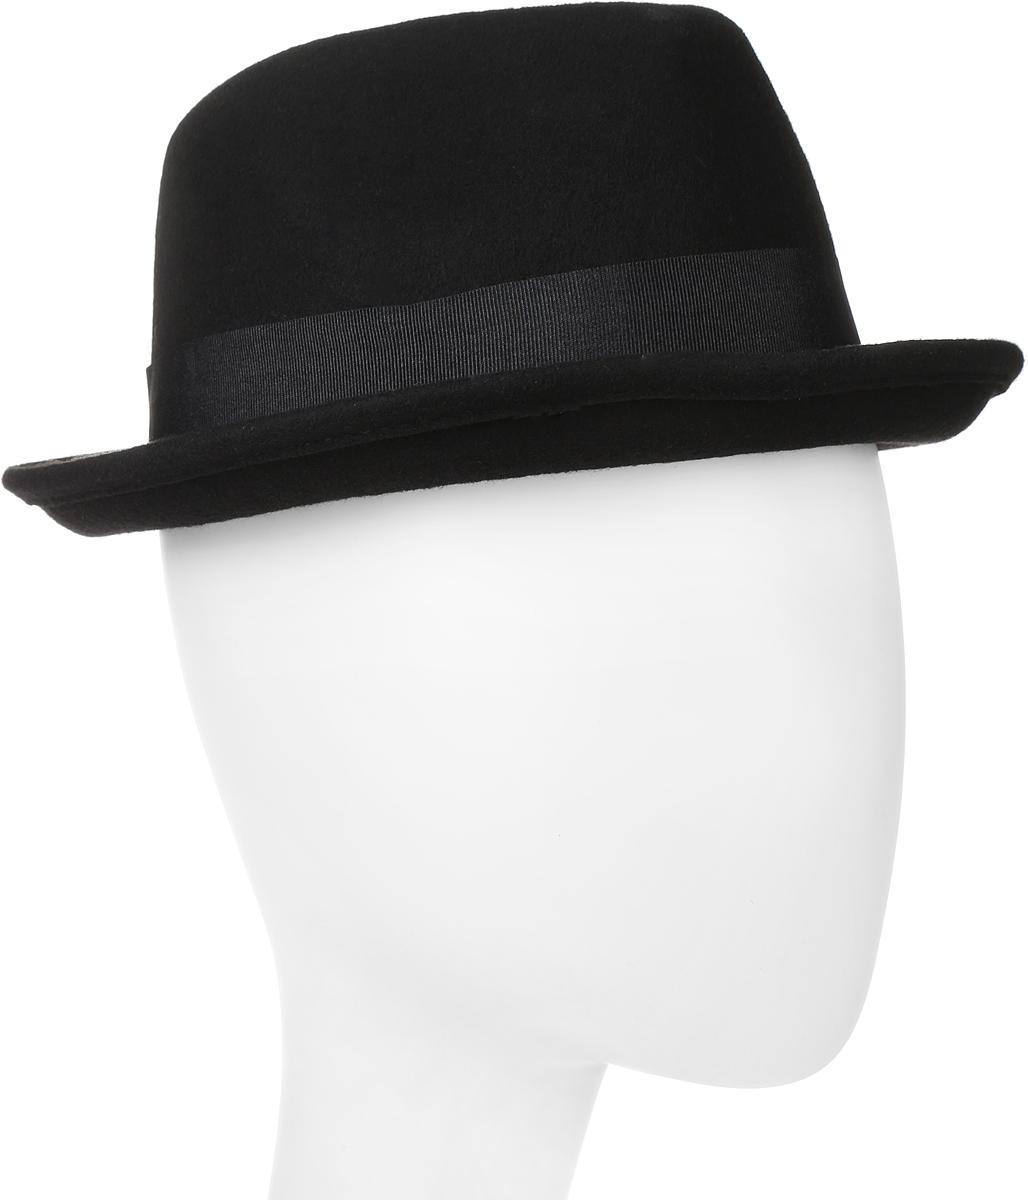 Шляпа100-5799Элегантная шляпа Goorin Brothers, выполненная из фетра, дополнит любой образ. Модель с узкими полями, невысокой вертикальной тульей с продольным заломом и загнутыми вверх полями. Шляпа Homburg по тулье оформлена широкой текстильной лентой с бантом и дополнена металлическим элементом в виде логотипа бренда. Внутри модель дополнена подкладкой из шелковистого полиэстера и плотной тесьмой для комфортной посадки изделия по голове. Аккуратные поля шляпы придадут вашему образу таинственности и шарма. Такая шляпа подчеркнет вашу неповторимость и прекрасный вкус.